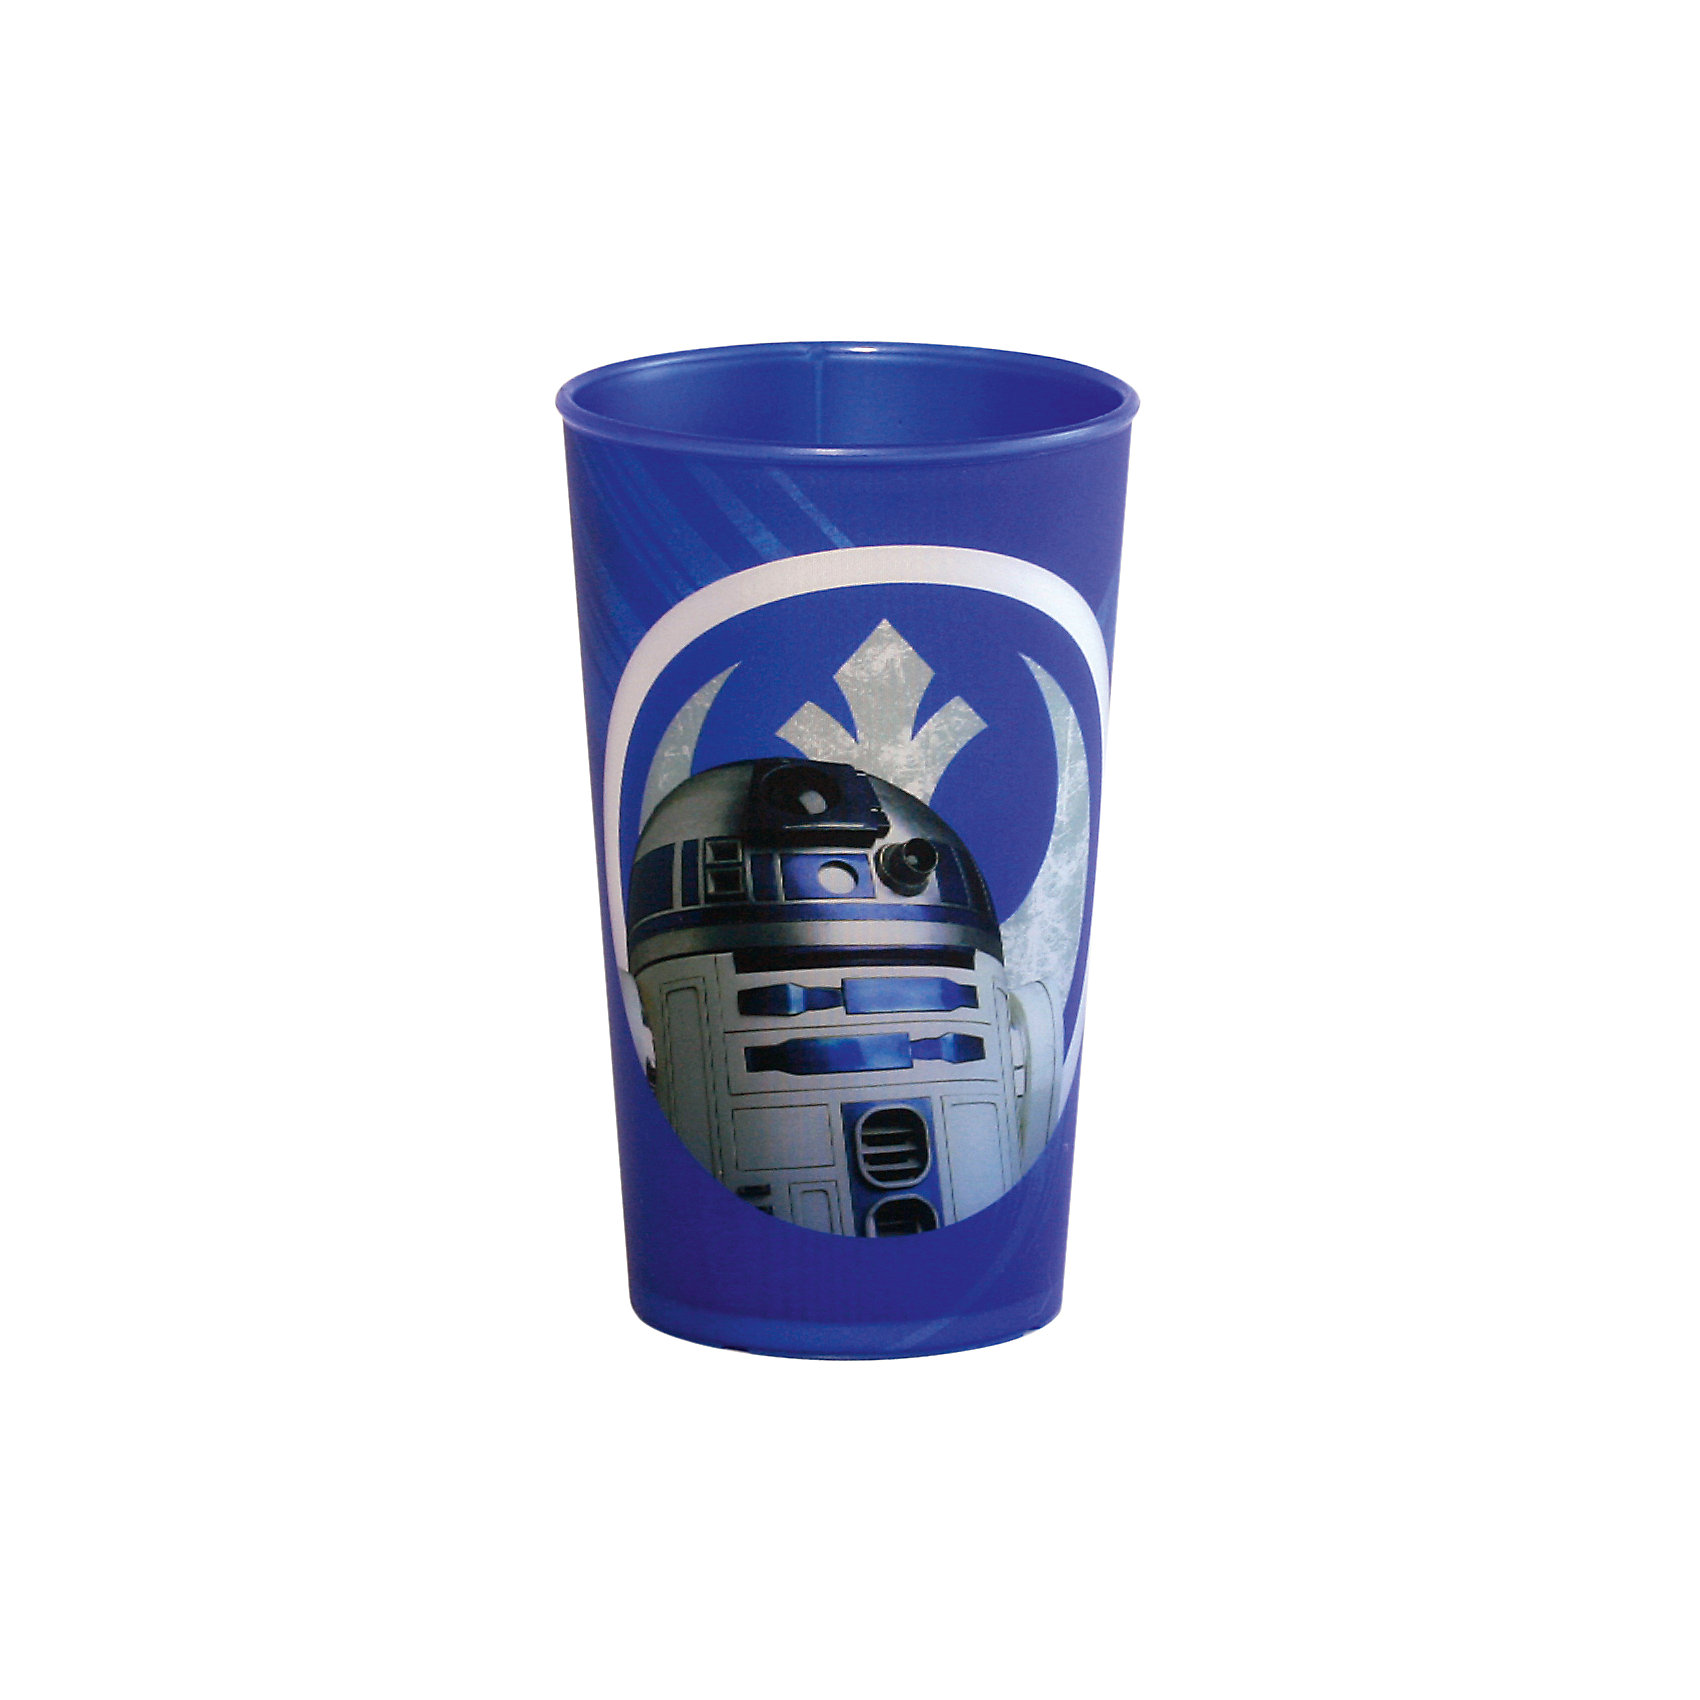 Стакан Звездные войны 260 мл, синийЗвездные войны<br>Синий стакан Звездные войны 260 мл – это отличный подарок для фаната вселенной Star Wars.<br>Стакан Звездные войны изготовлен из полипропилена и оформлен рисунком с изображением дроида R2D2. Специальное покрытие с отливом делает изображение на стакане более объемным. Не подходит для использования в посудомоечной машине и СВЧ-печи.<br><br>Дополнительная информация:<br><br>- Объем: 260 мл.<br>- Высота: 9,5 см.<br>- Цвет: синий<br>- Материал: полипропилен<br>- Размер упаковки: 7 х 7 х 11 см.<br>- Вес: 30 гр.<br><br>Синий стакан Звездные войны 260 мл можно купить в нашем интернет-магазине.<br><br>Ширина мм: 70<br>Глубина мм: 70<br>Высота мм: 110<br>Вес г: 30<br>Возраст от месяцев: 36<br>Возраст до месяцев: 144<br>Пол: Унисекс<br>Возраст: Детский<br>SKU: 4536245